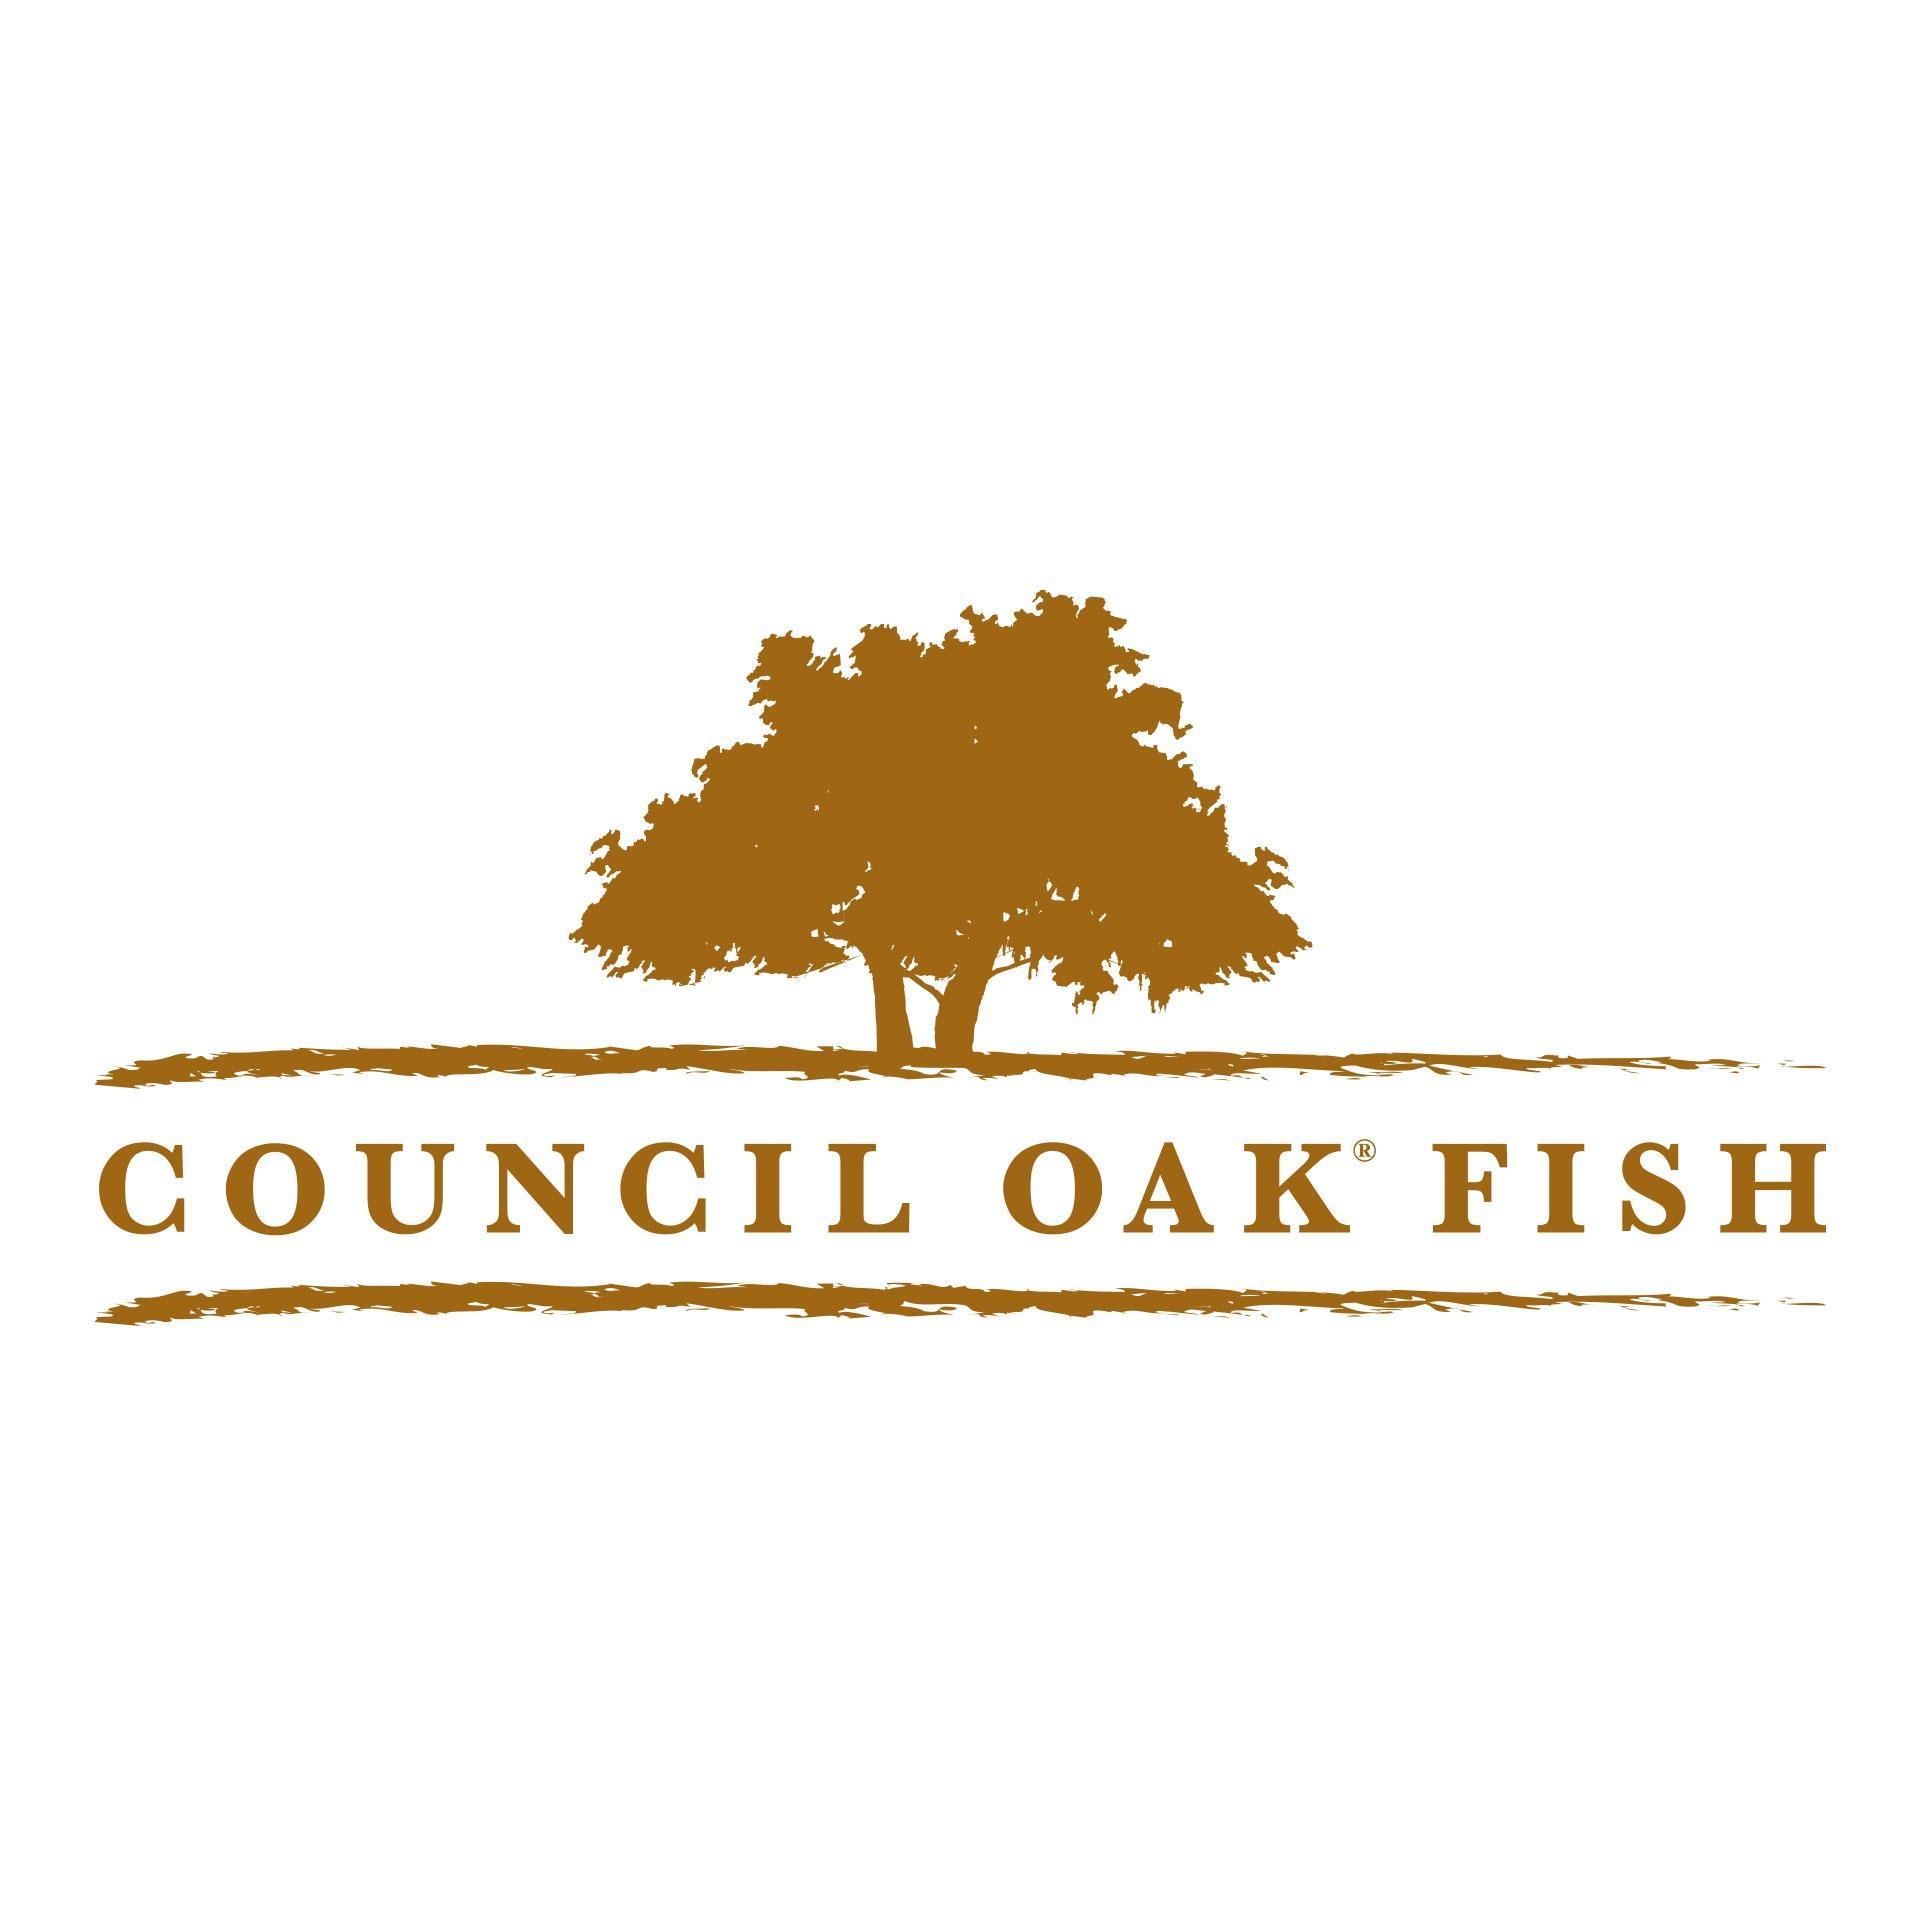 Council Oak Fish